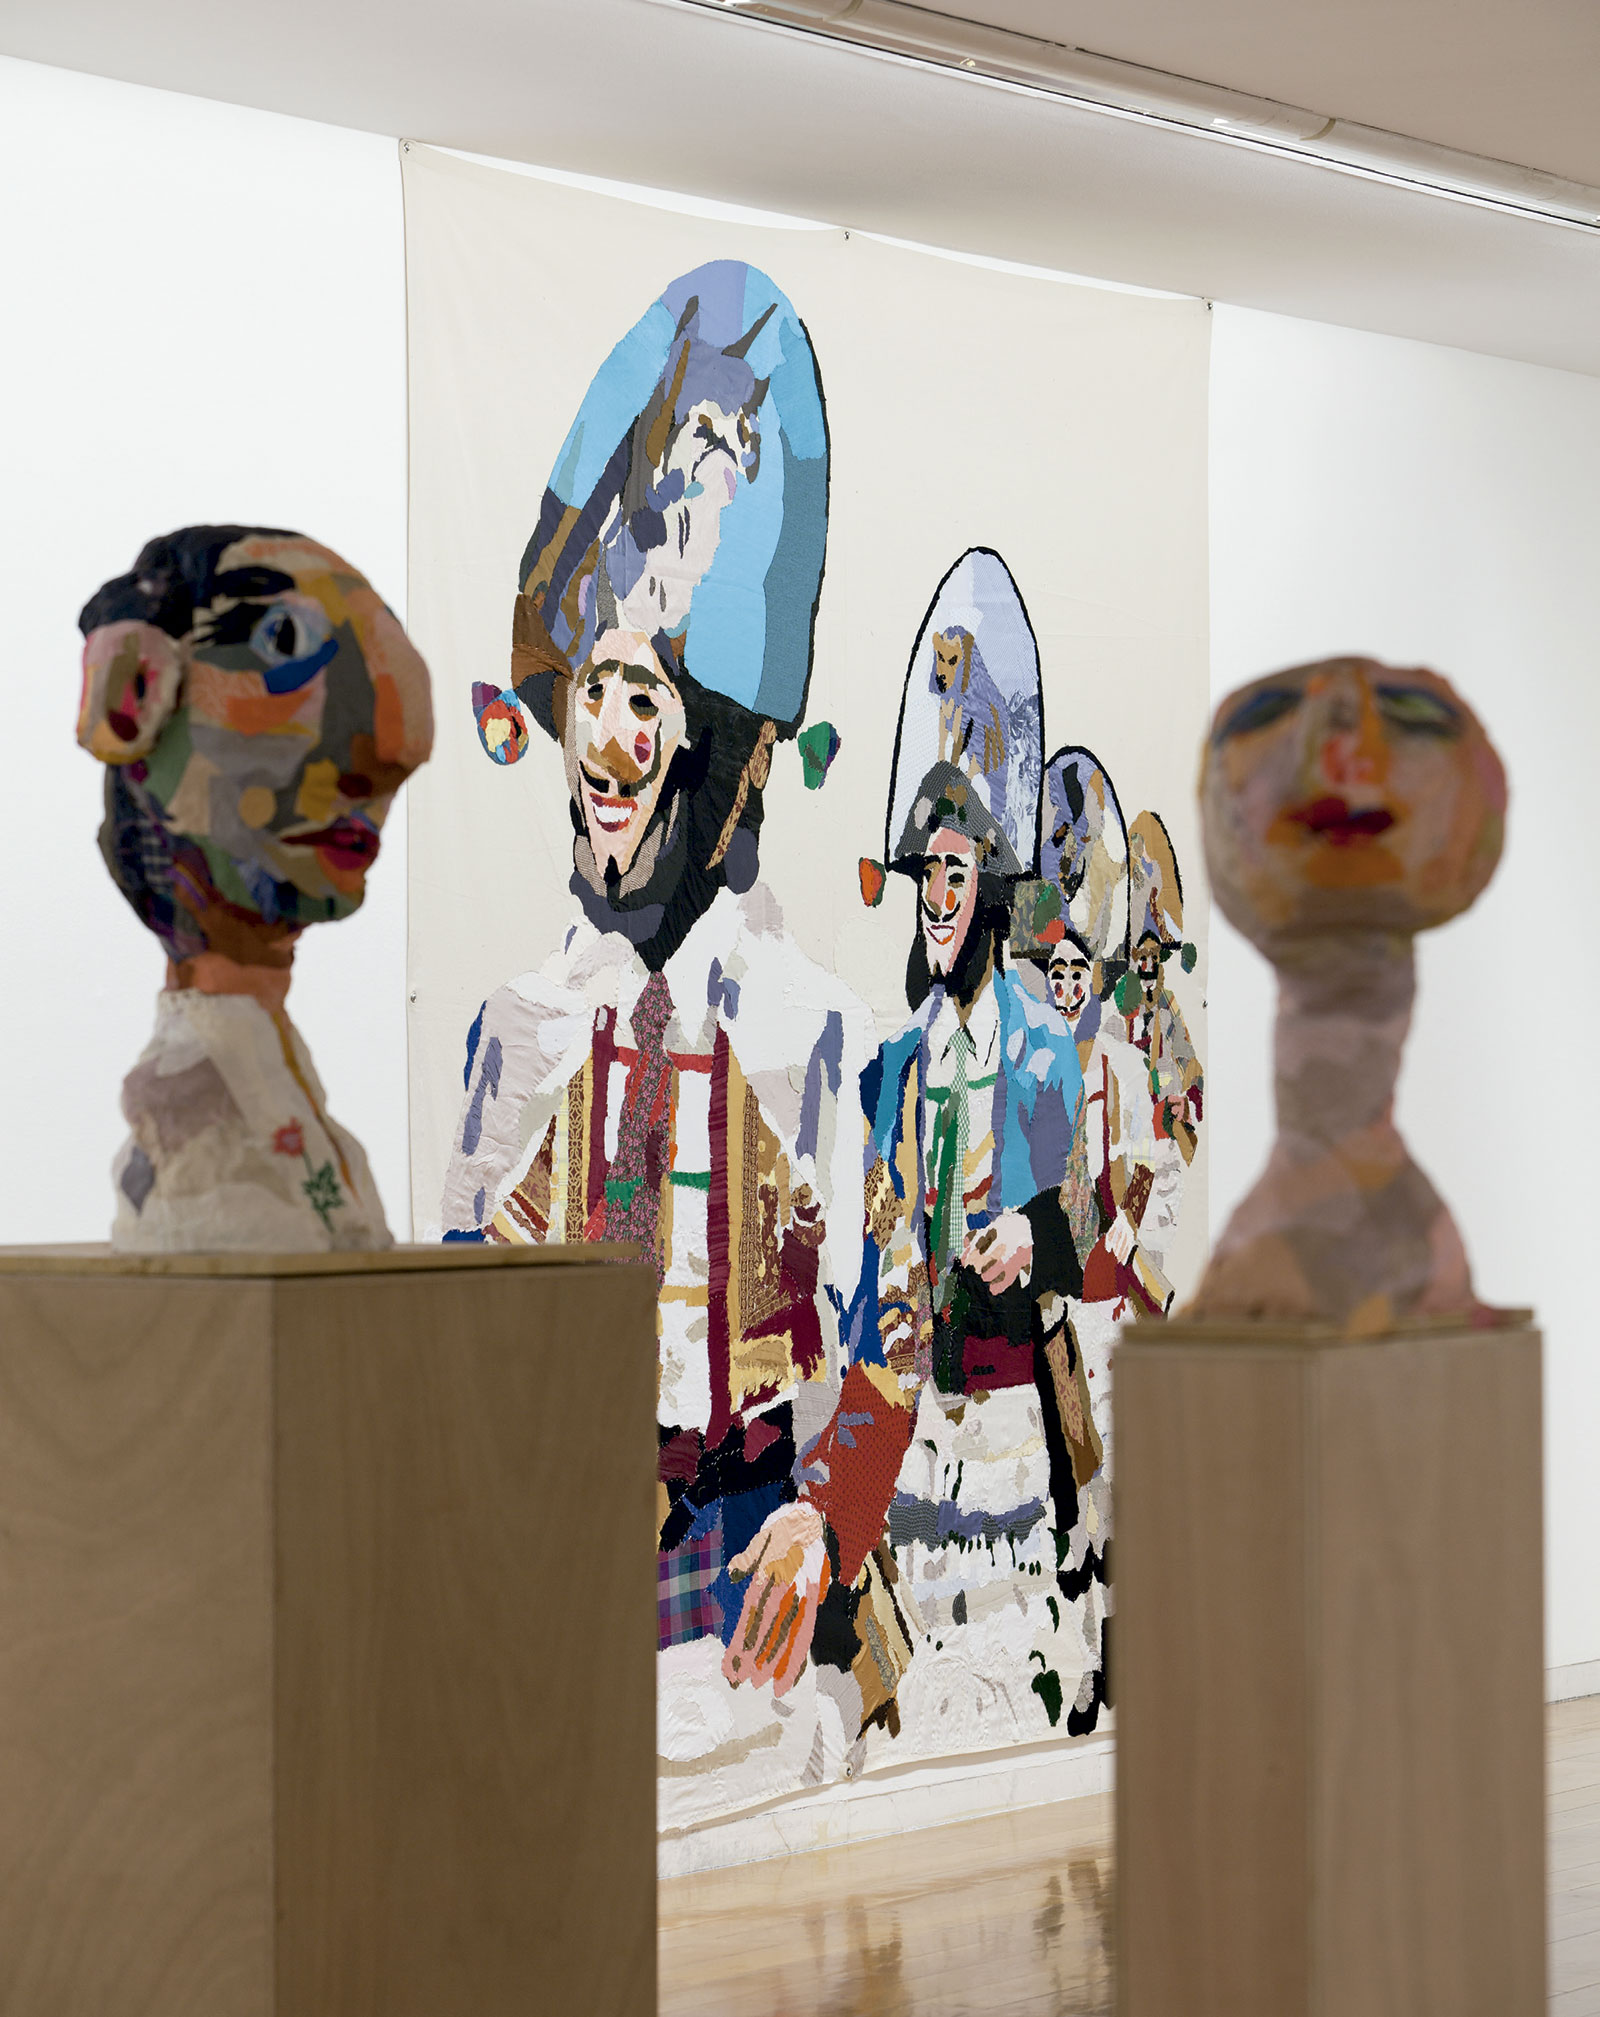 Vista da exposición Chelo Matesanz. As-miñas cousas en observación, CGAC, Santiago de Compostela, 2014. <small>Fotografía Mark Ritchie</small>